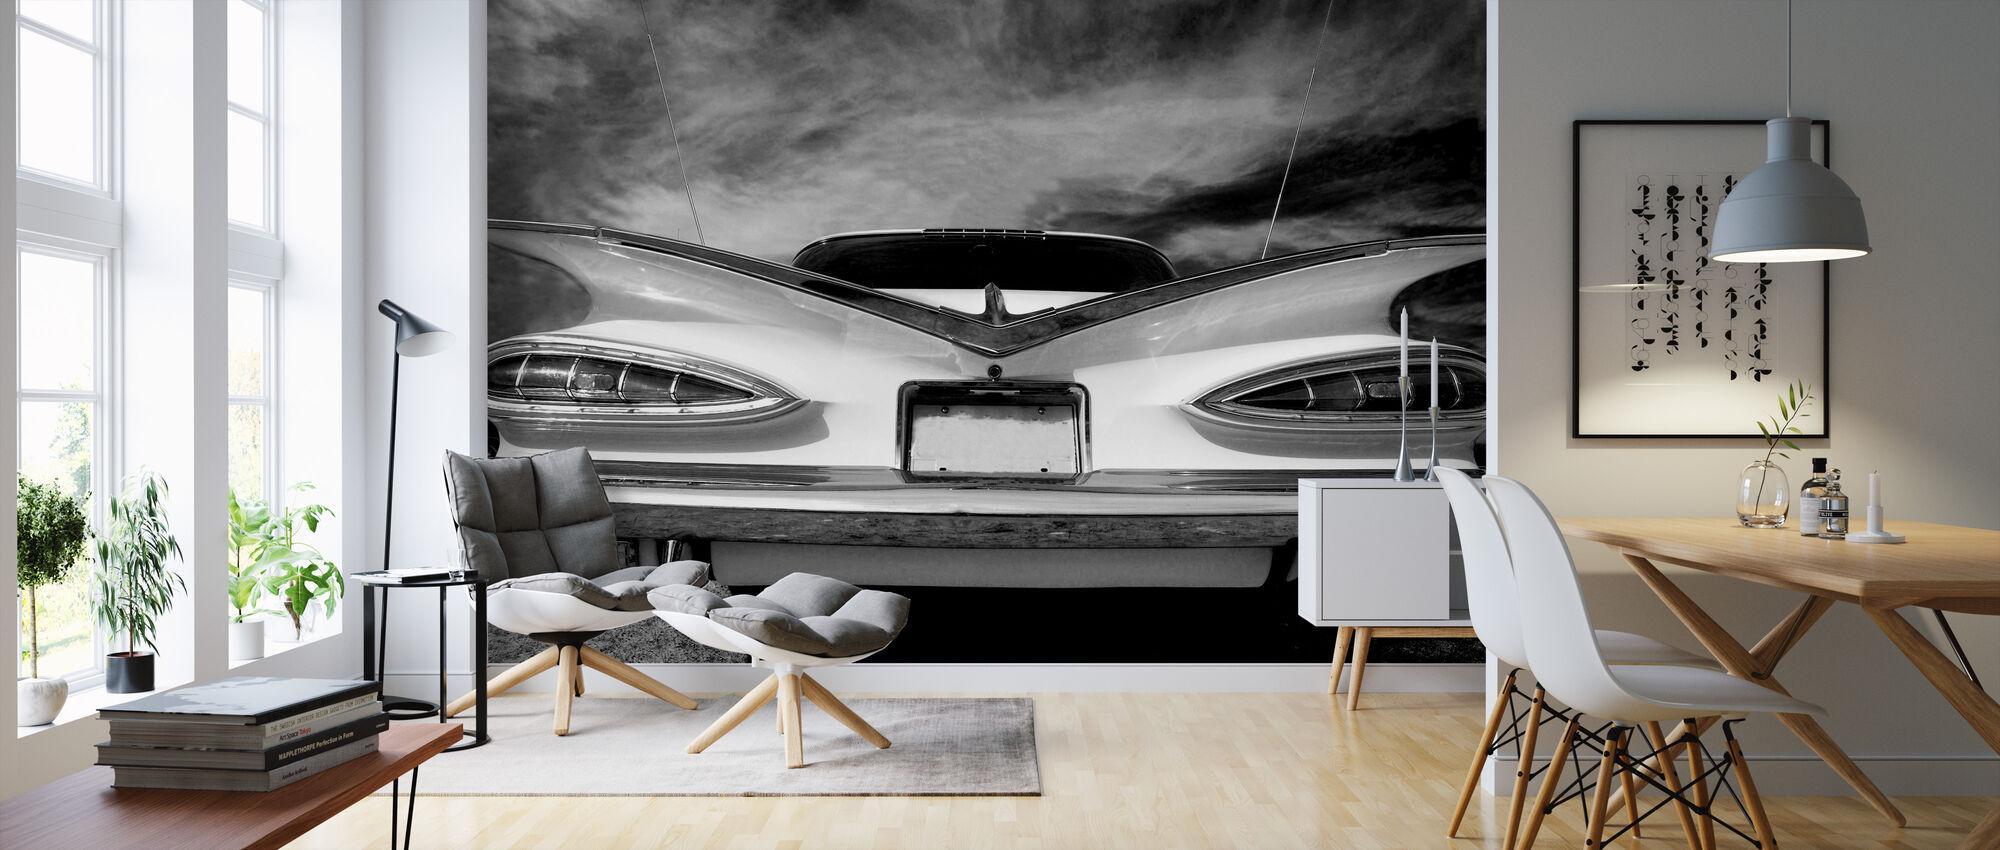 Rear Vintage Car - Wallpaper - Living Room